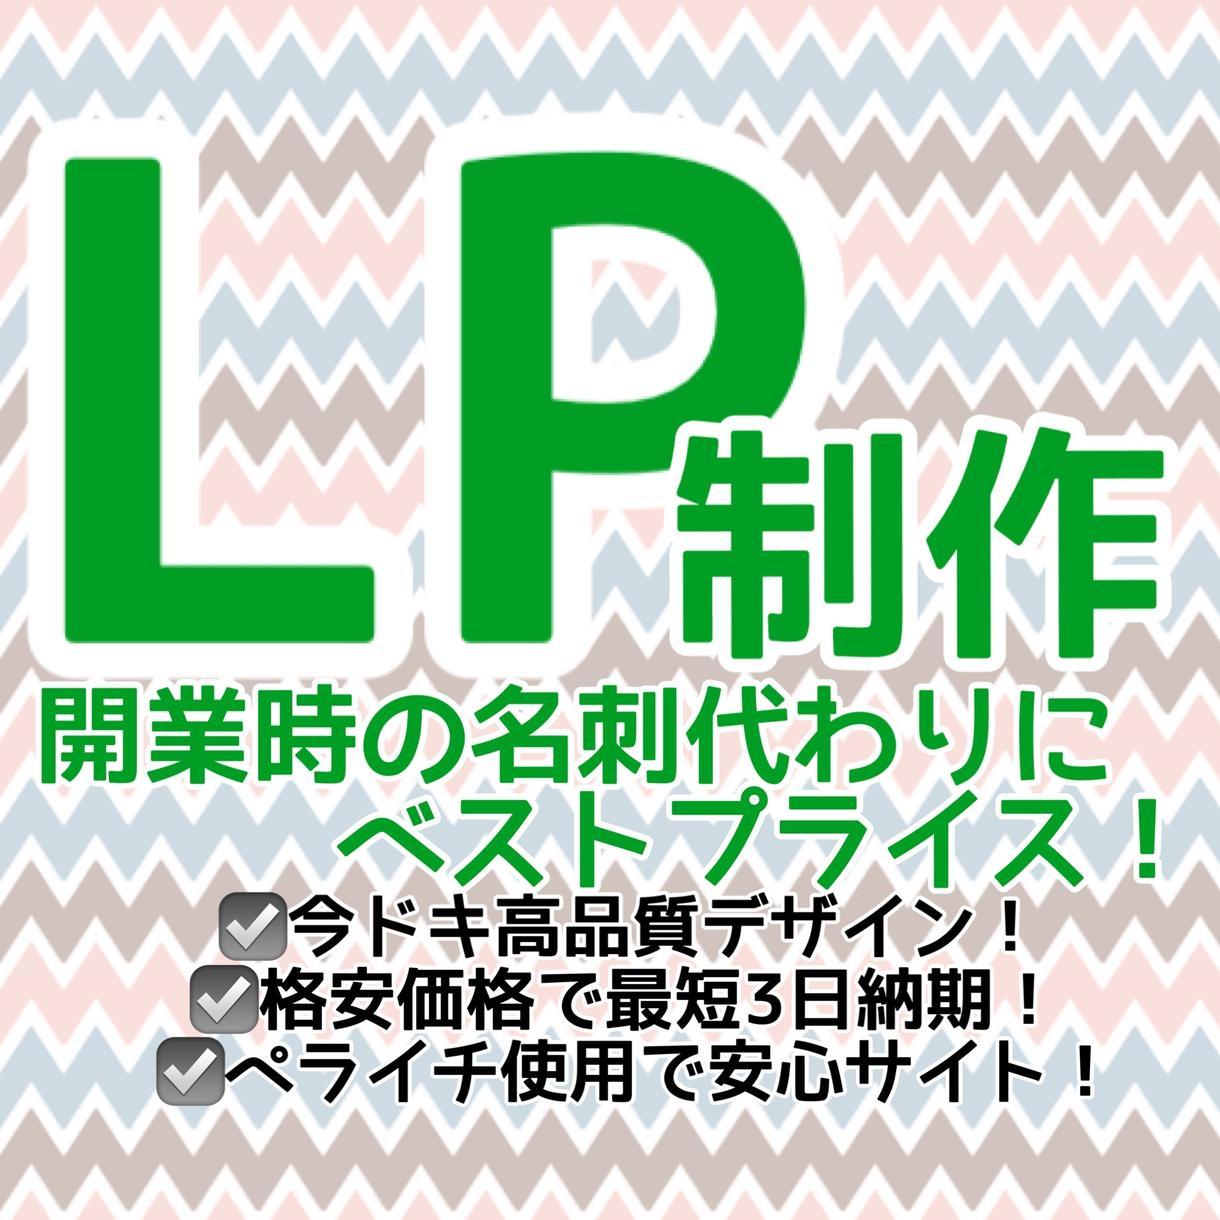 期間限定!10,000円でLP制作いたします 開業応援!名刺代わりのランディングページを準備しましょう! イメージ1